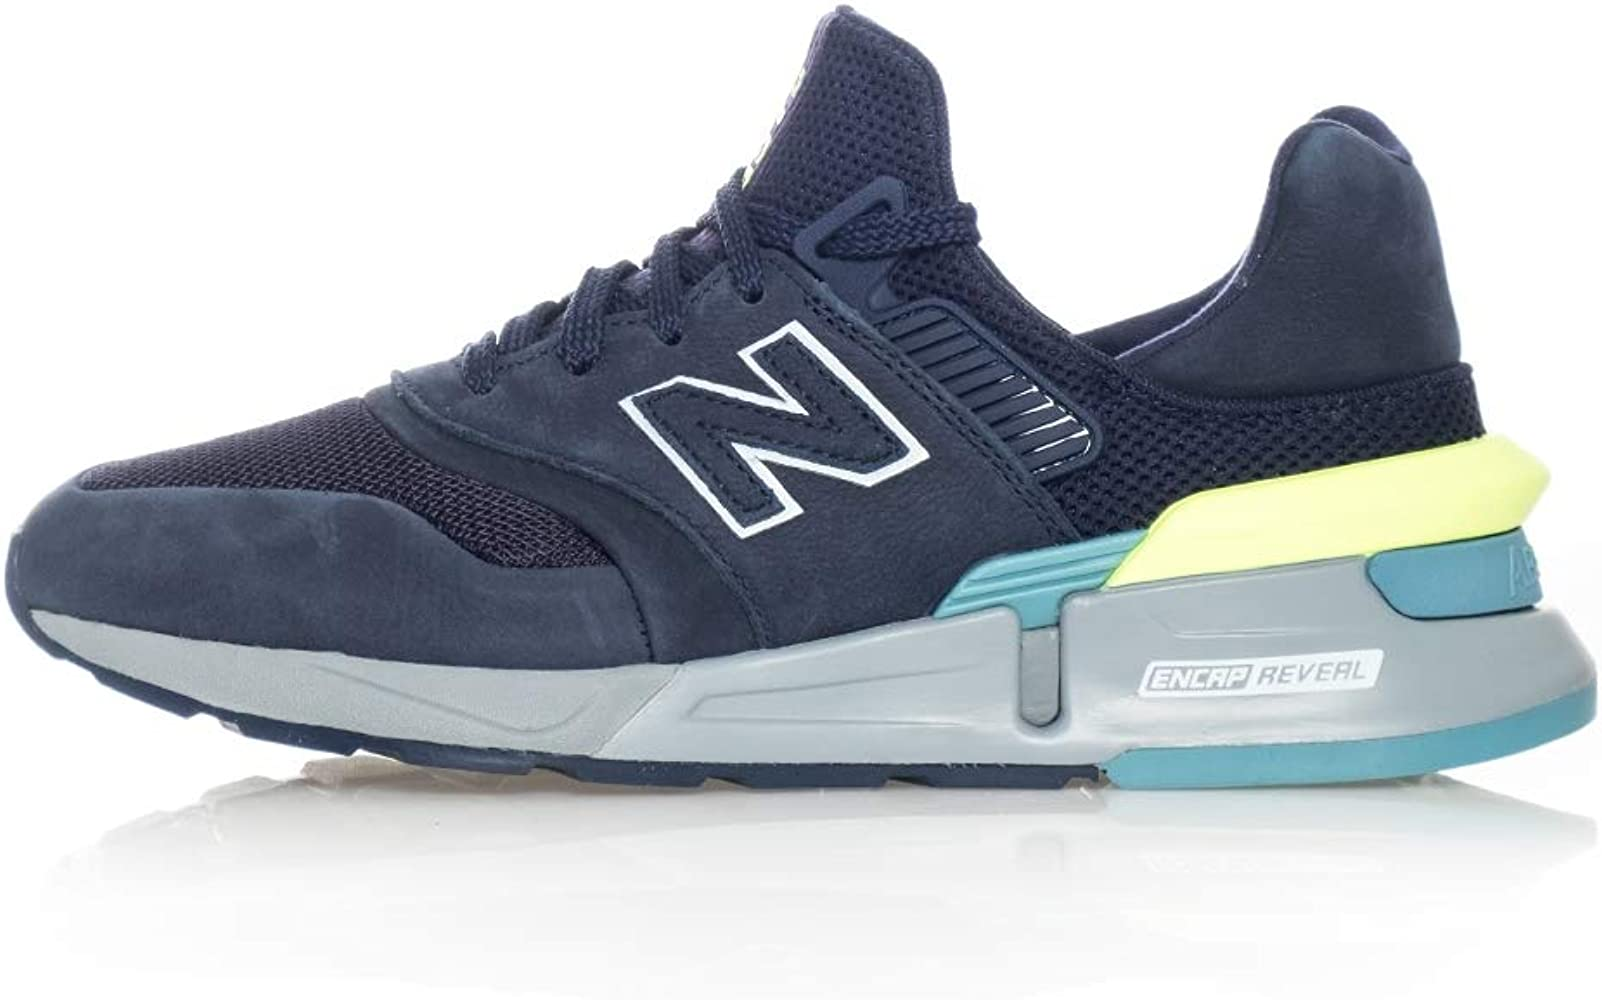 Amazon.com: New Balance 997 - Zapatillas para hombre, 9 ...